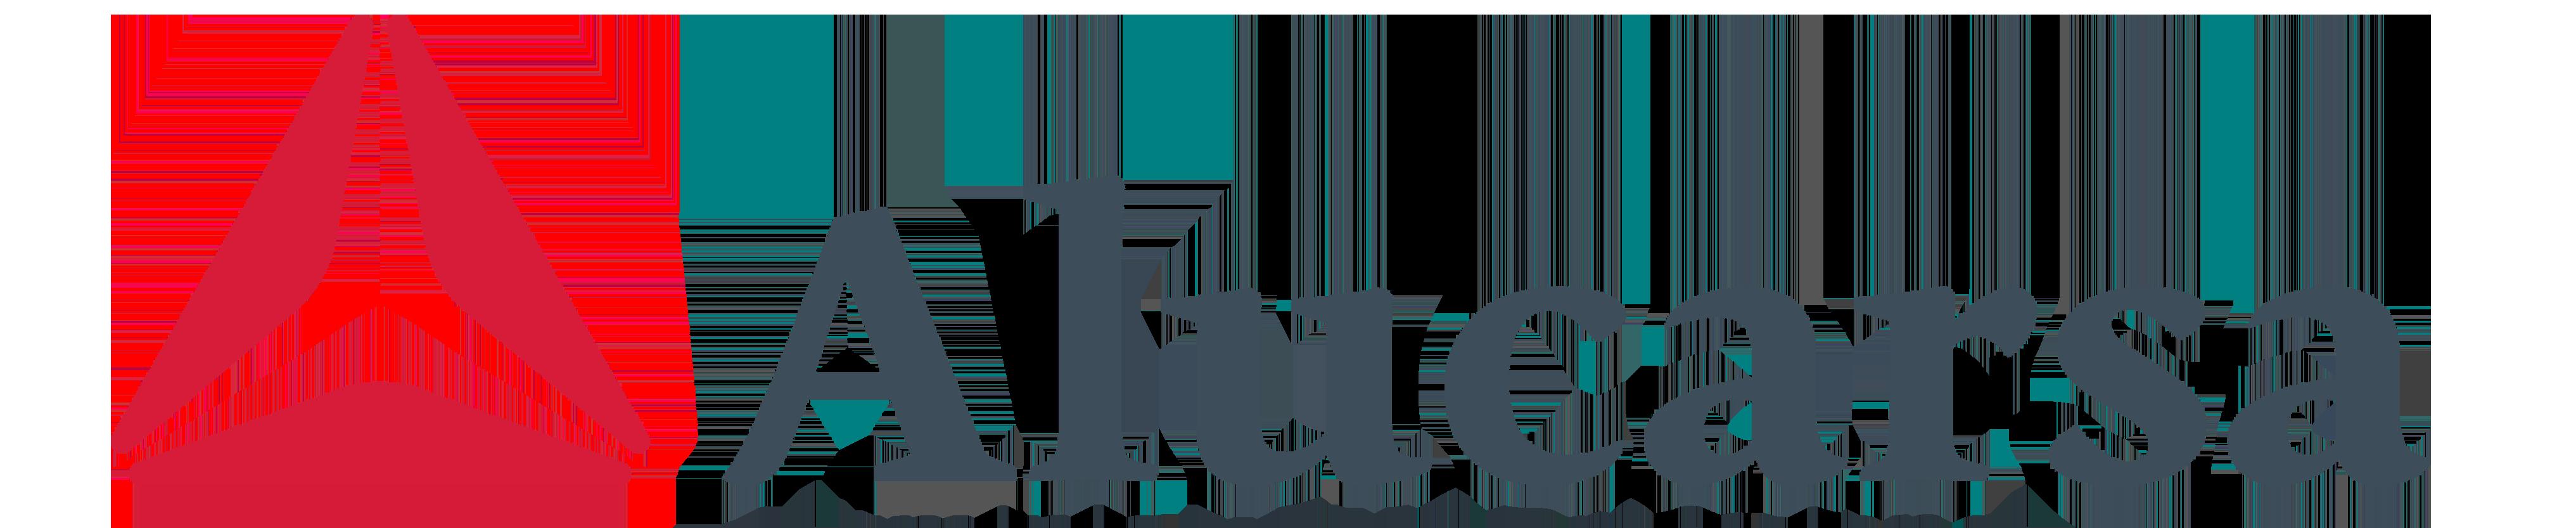 Logos empresa Alucarsa & Schueco